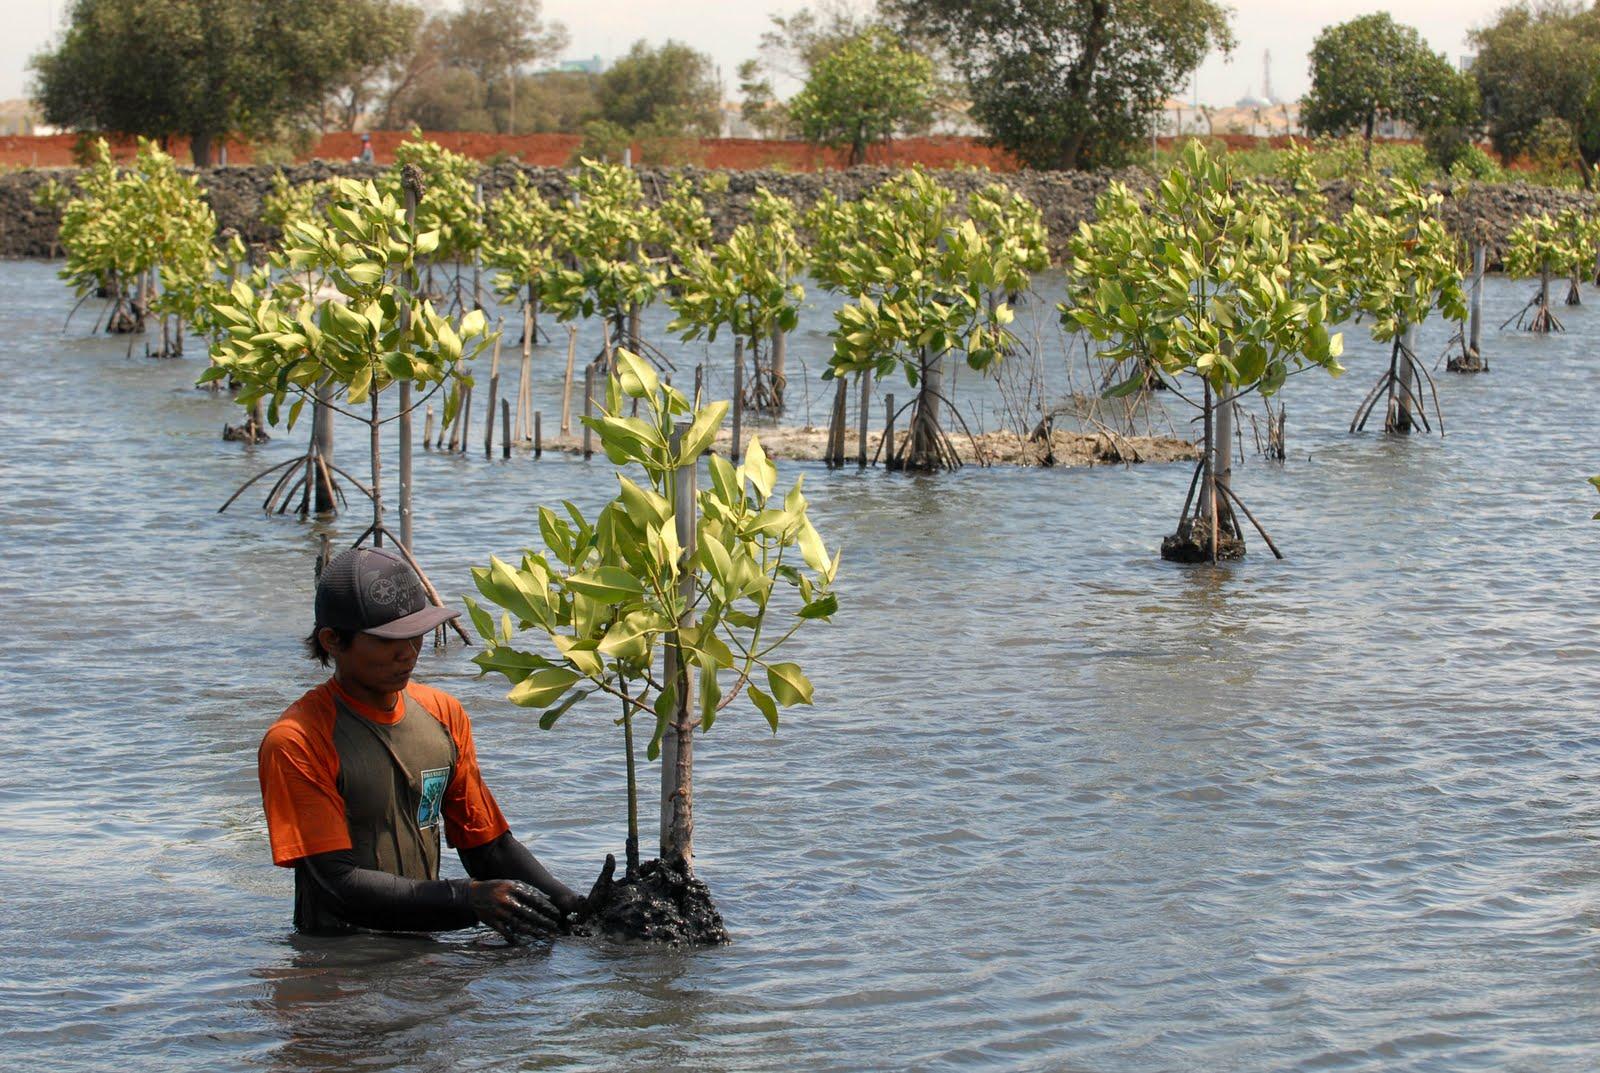 EKOLOGI RESTORASI SEBAGAI DASAR PERBAIKAN EKOSISTEM PADA KAWASAN KONSERVASI DI INDONESIA